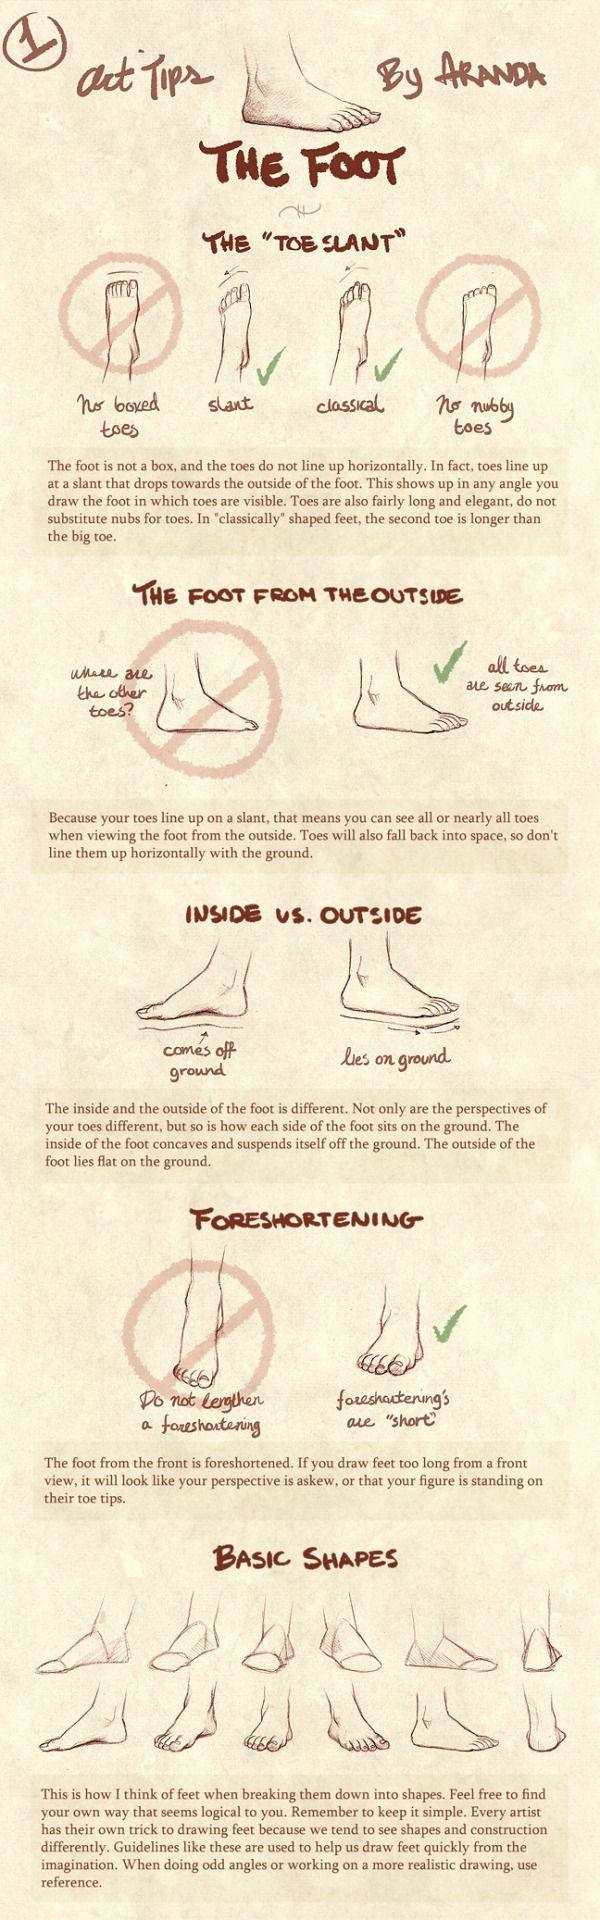 Malen Zeichnen Füße. Für Leute, die Kunst nicht mögen: Foto von Penny Lee Stewar